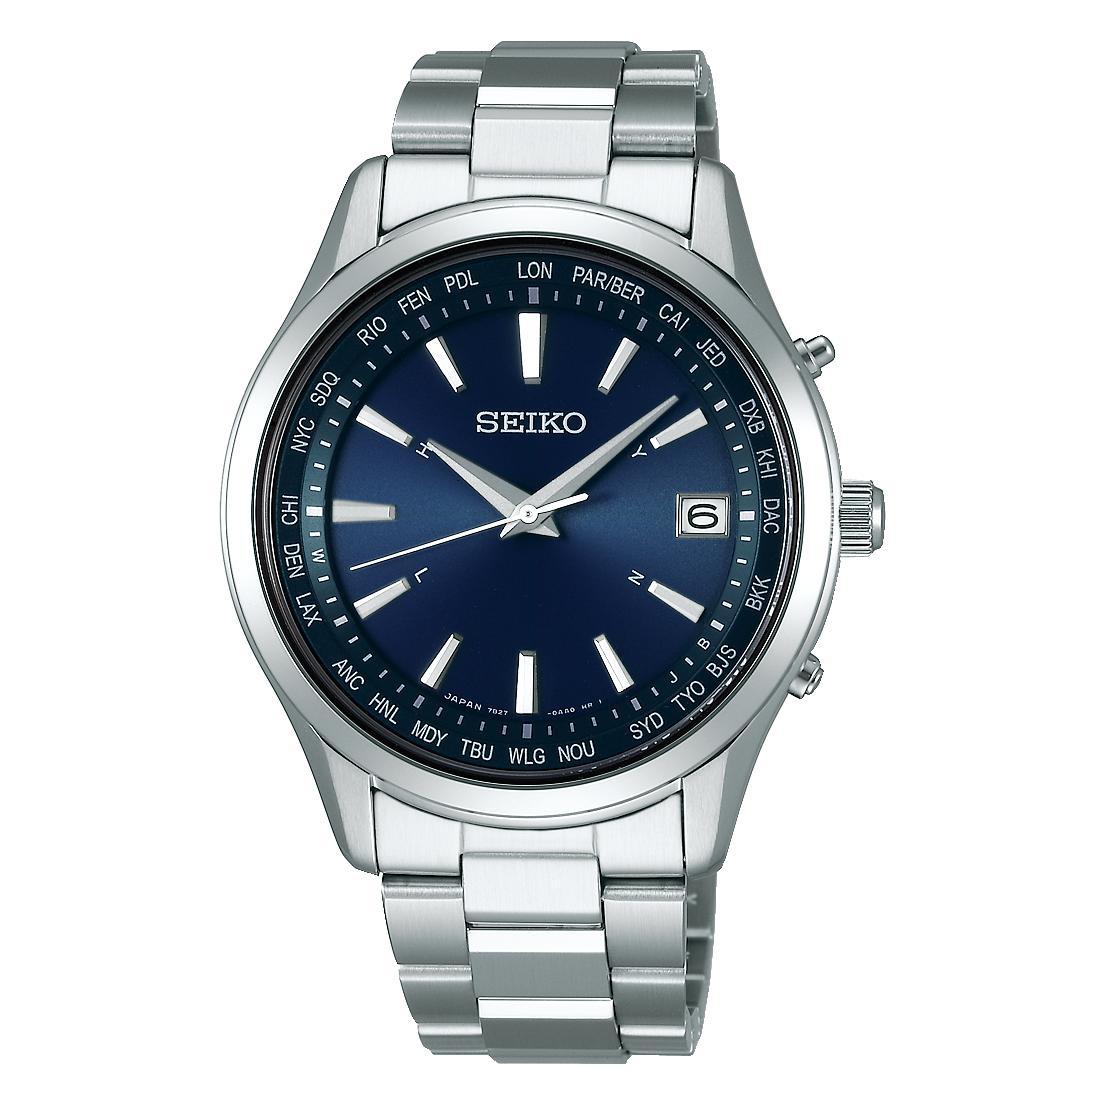 f4b0c7b74c 電波ソーラー腕時計のおすすめランキングTOP7【レディース・メンズ別 ...